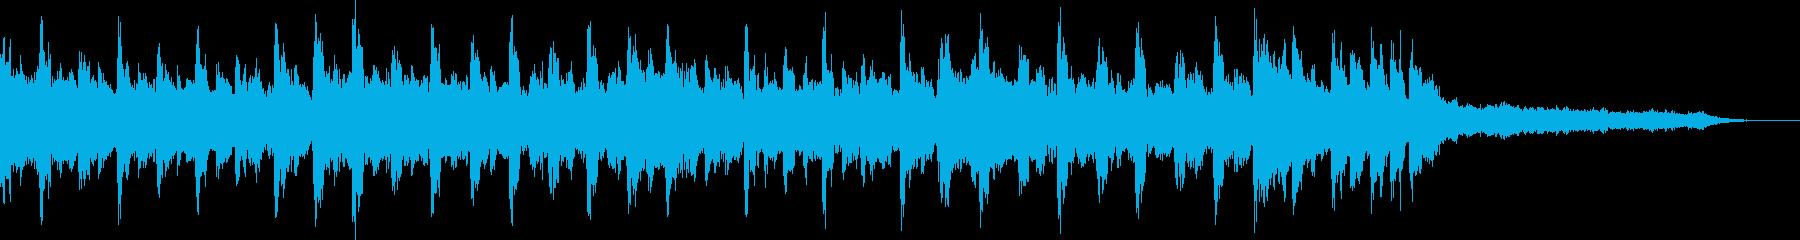 【ジングル】チャンネル登録・元気な曲の再生済みの波形